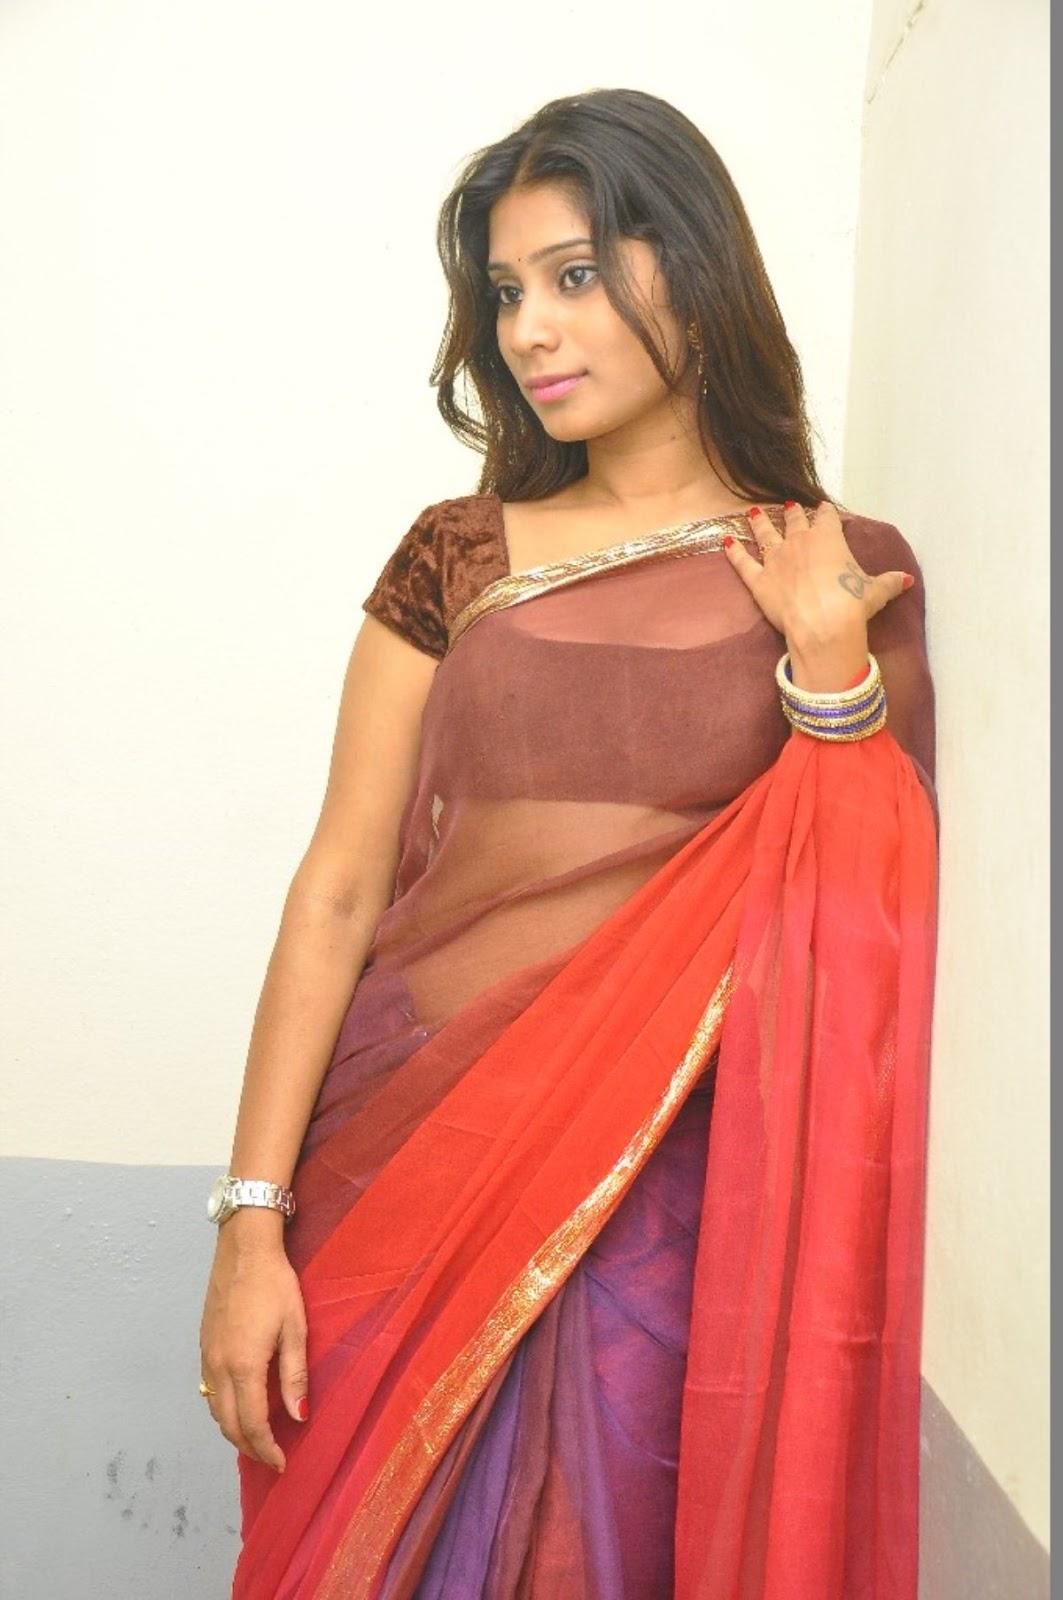 Midhuna Waliya Hot Navel Show Photos in Transparent Saree